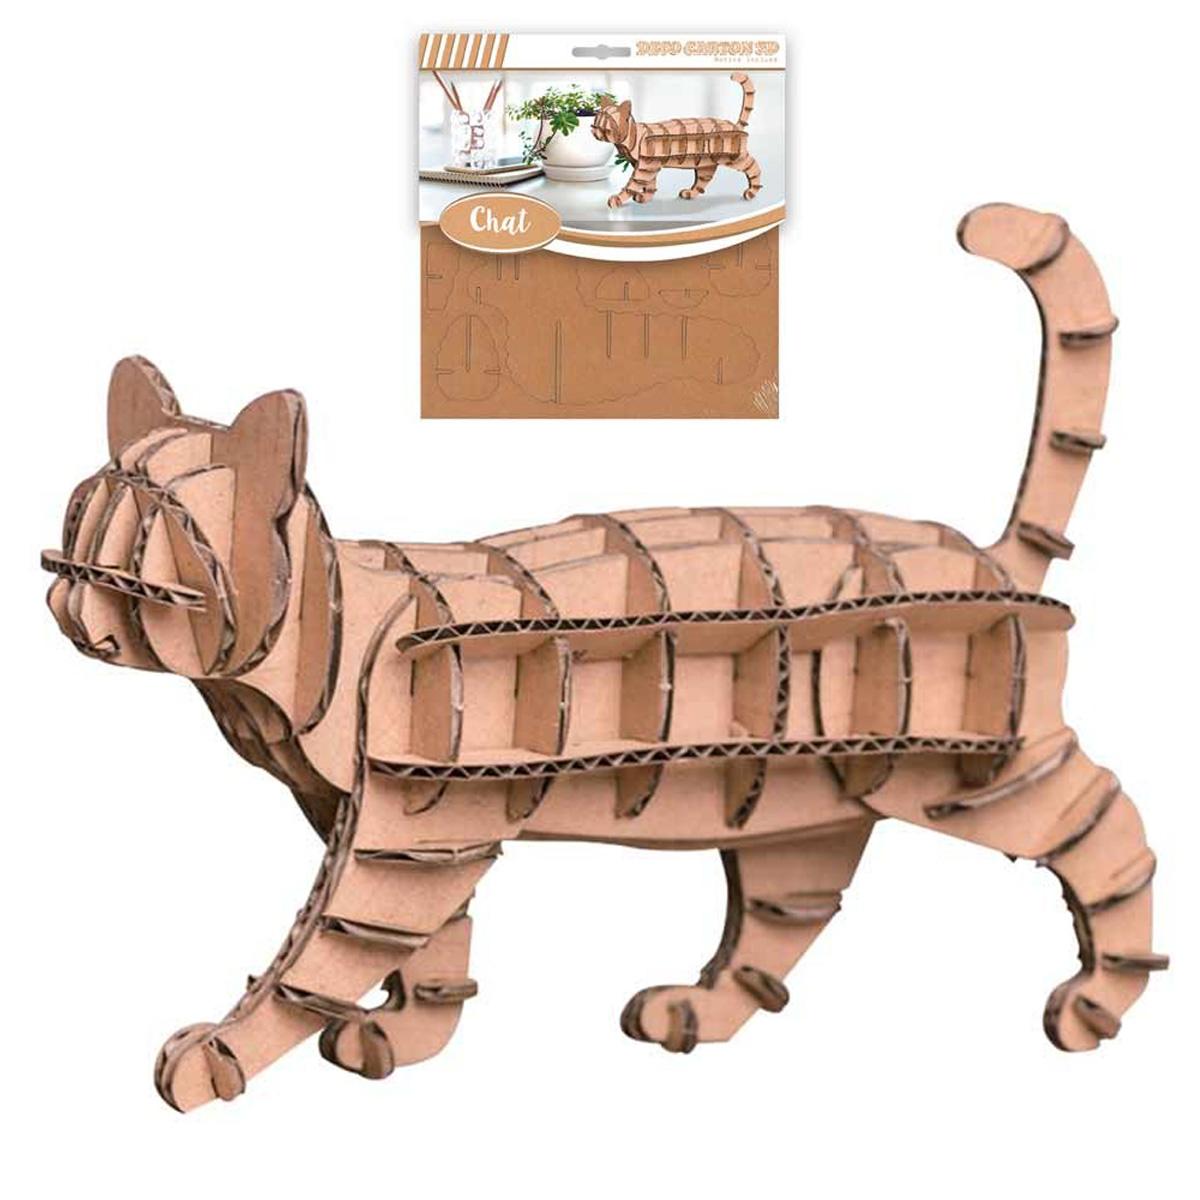 Figurine carton 3D \'Chat\' - planches 165x175 cm - [Q4561]